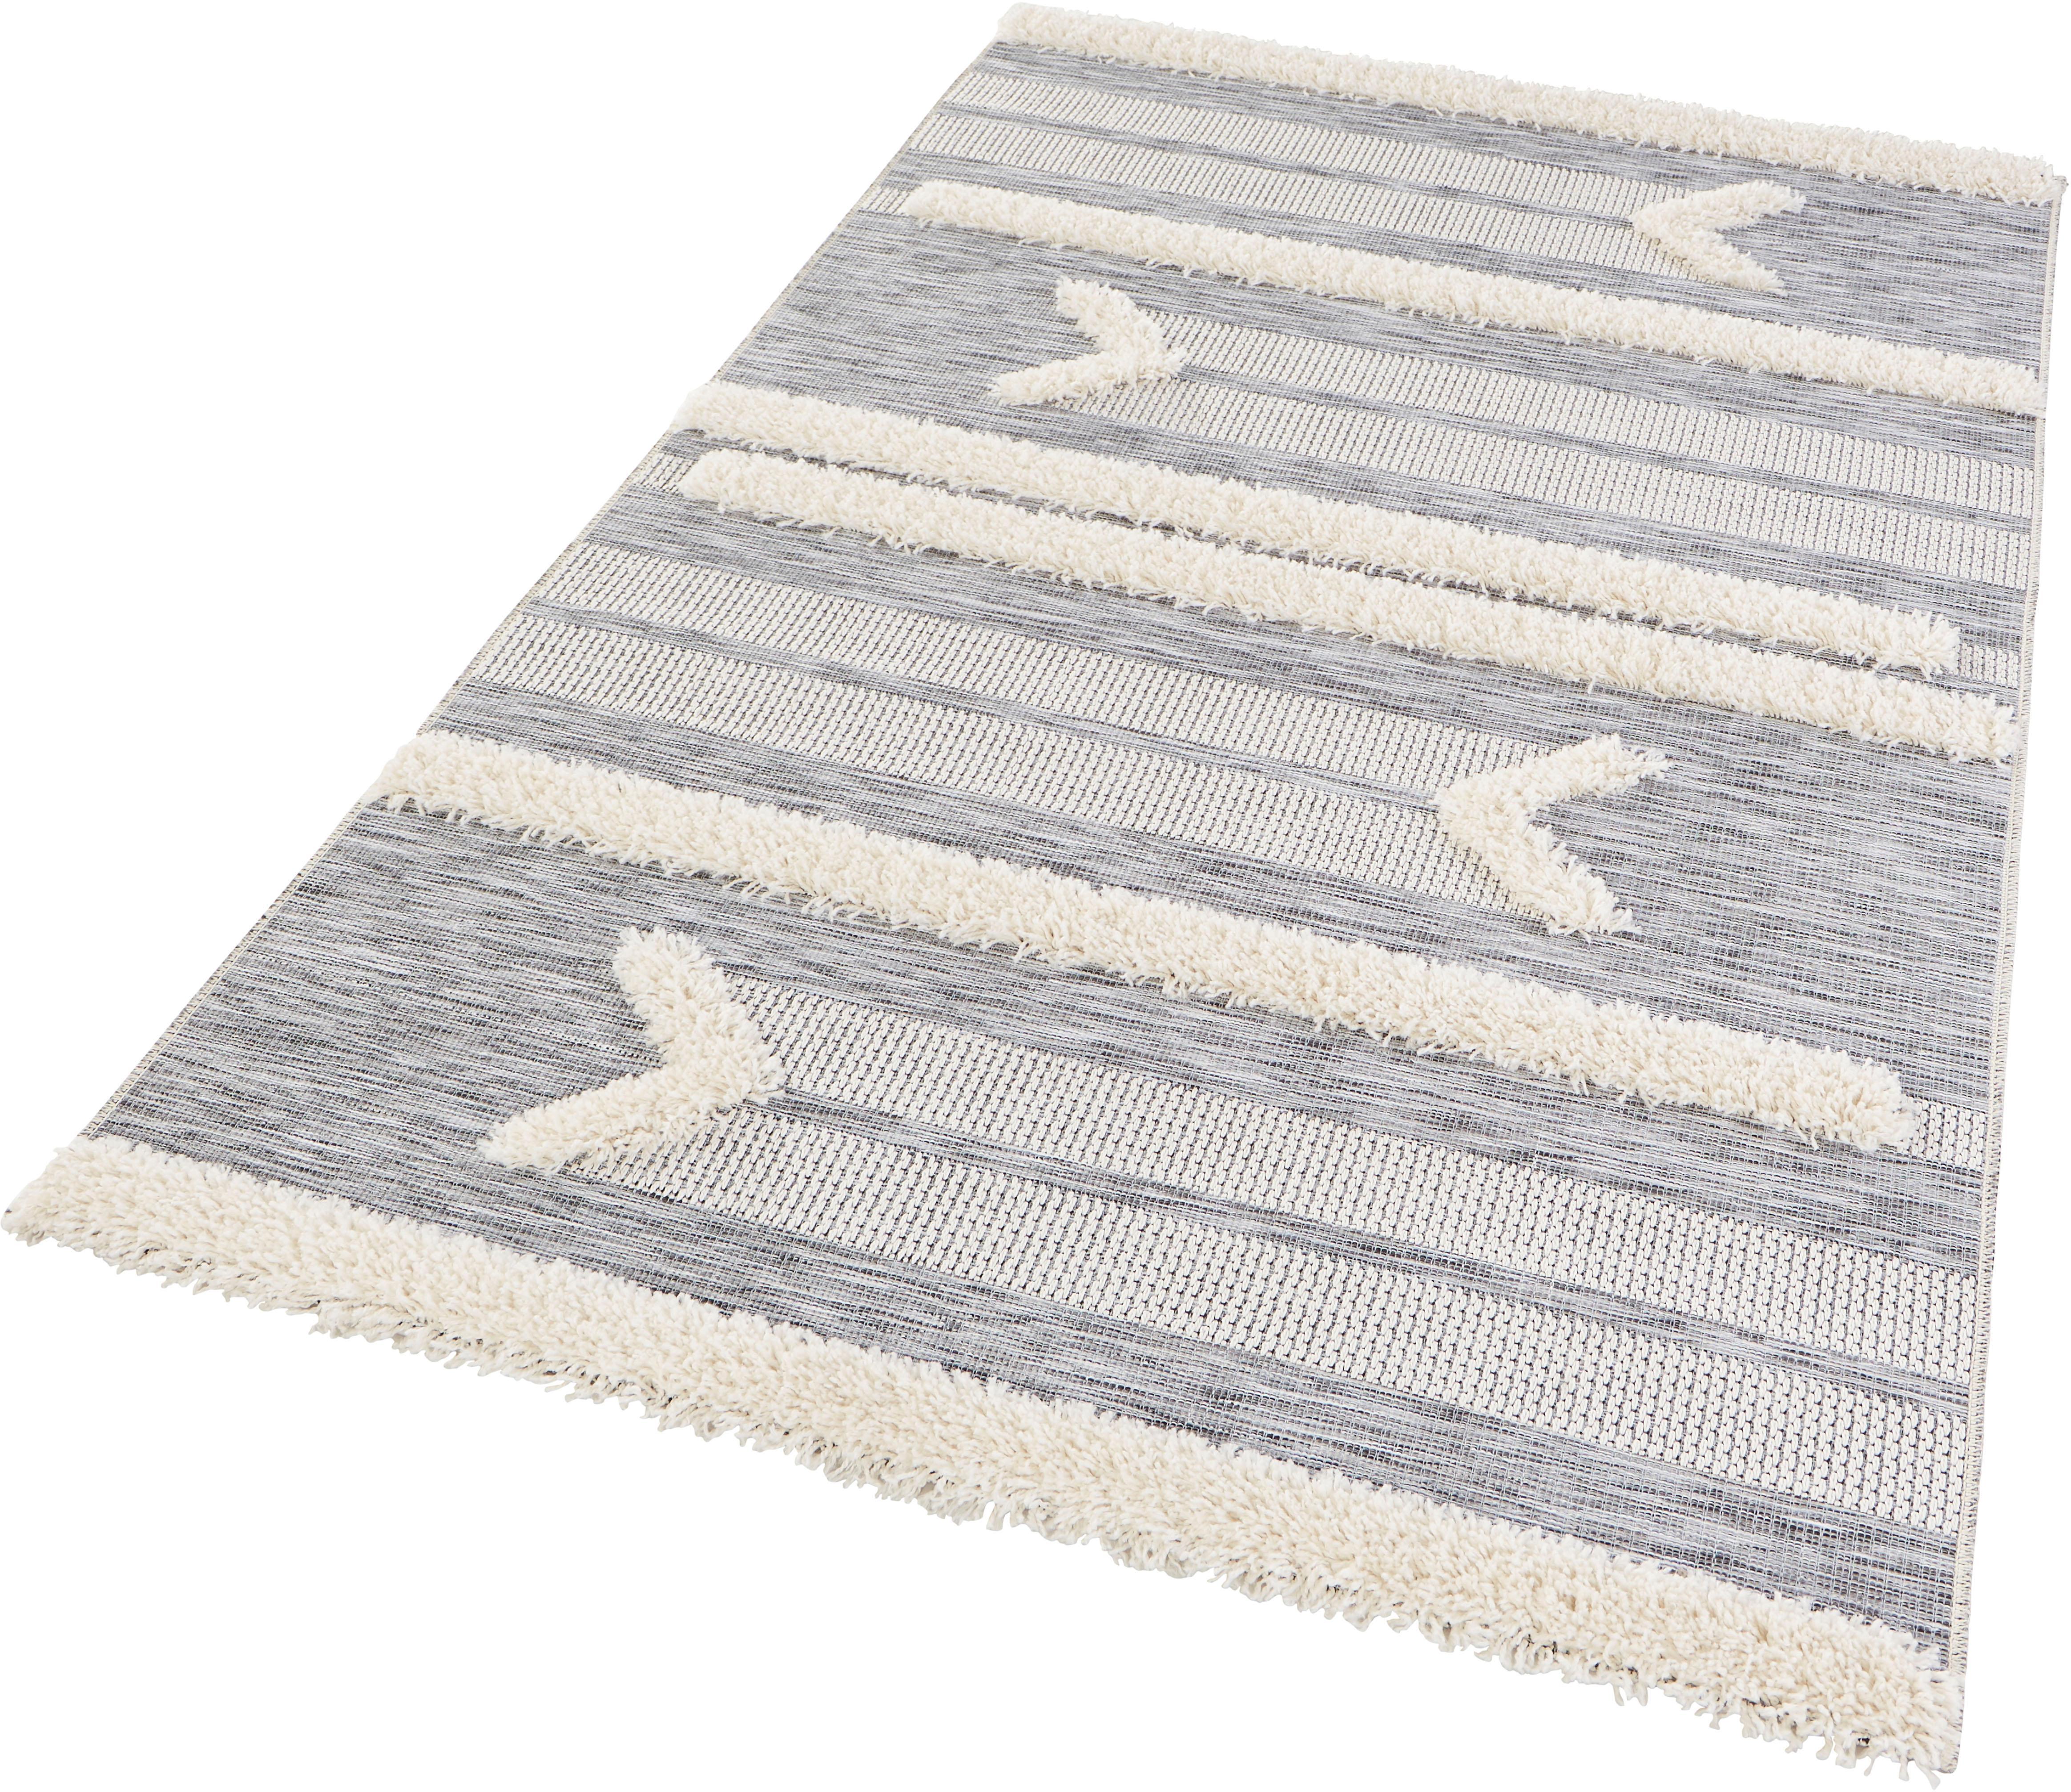 Teppich Kantina MINT RUGS rechteckig Höhe 35 mm maschinell gewebt   Heimtextilien > Teppiche > Sonstige-Teppiche   Beige   Mint Rugs